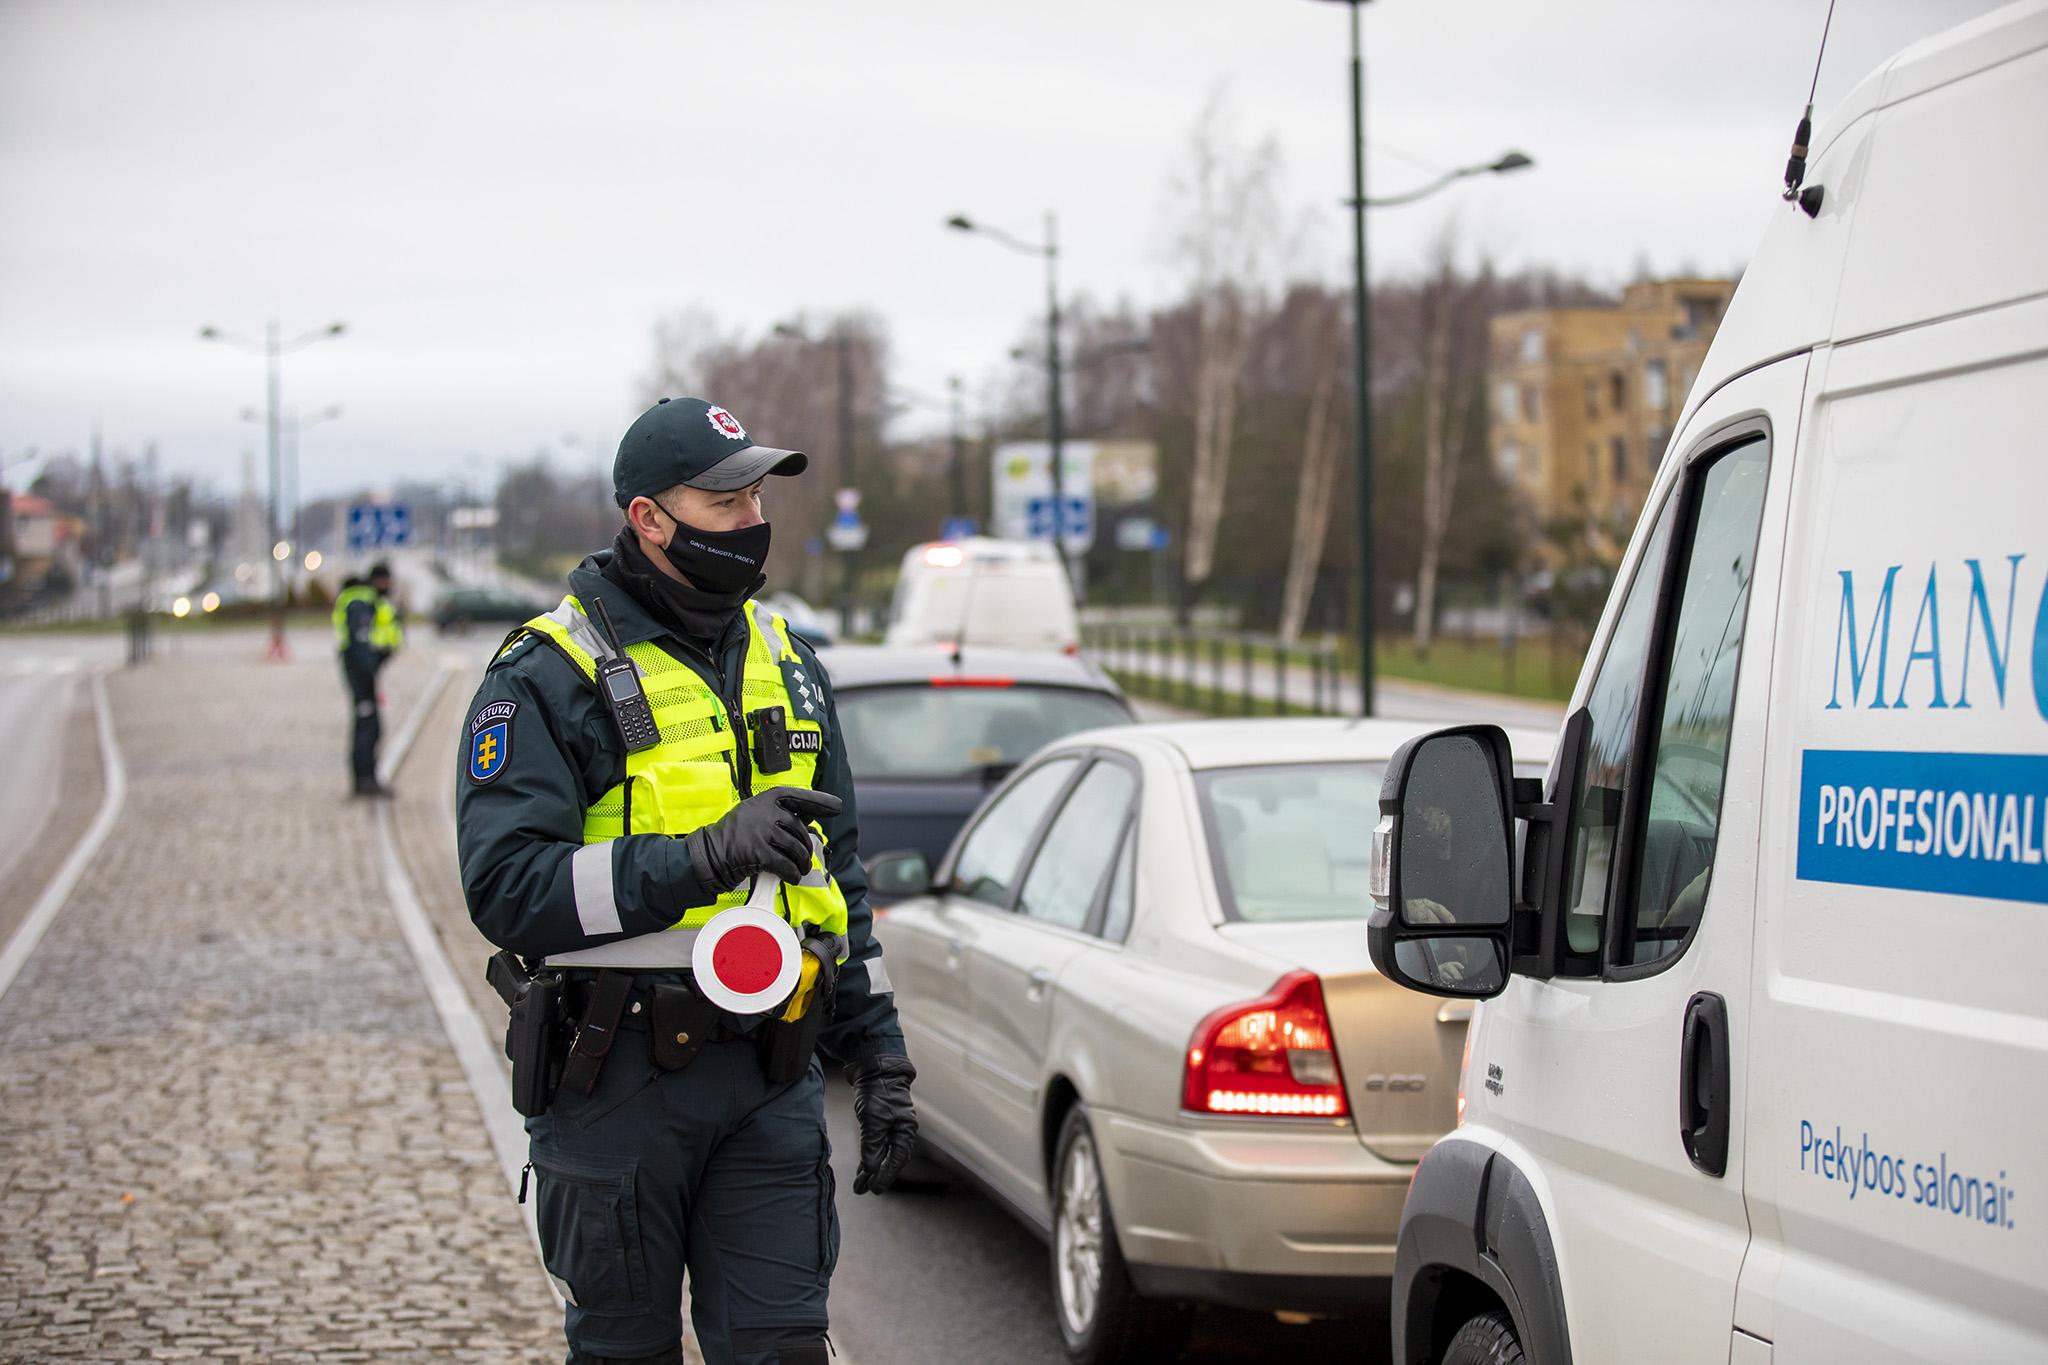 Marijampolės apskrities policija: kokia buvo gruodžio 17-oji?